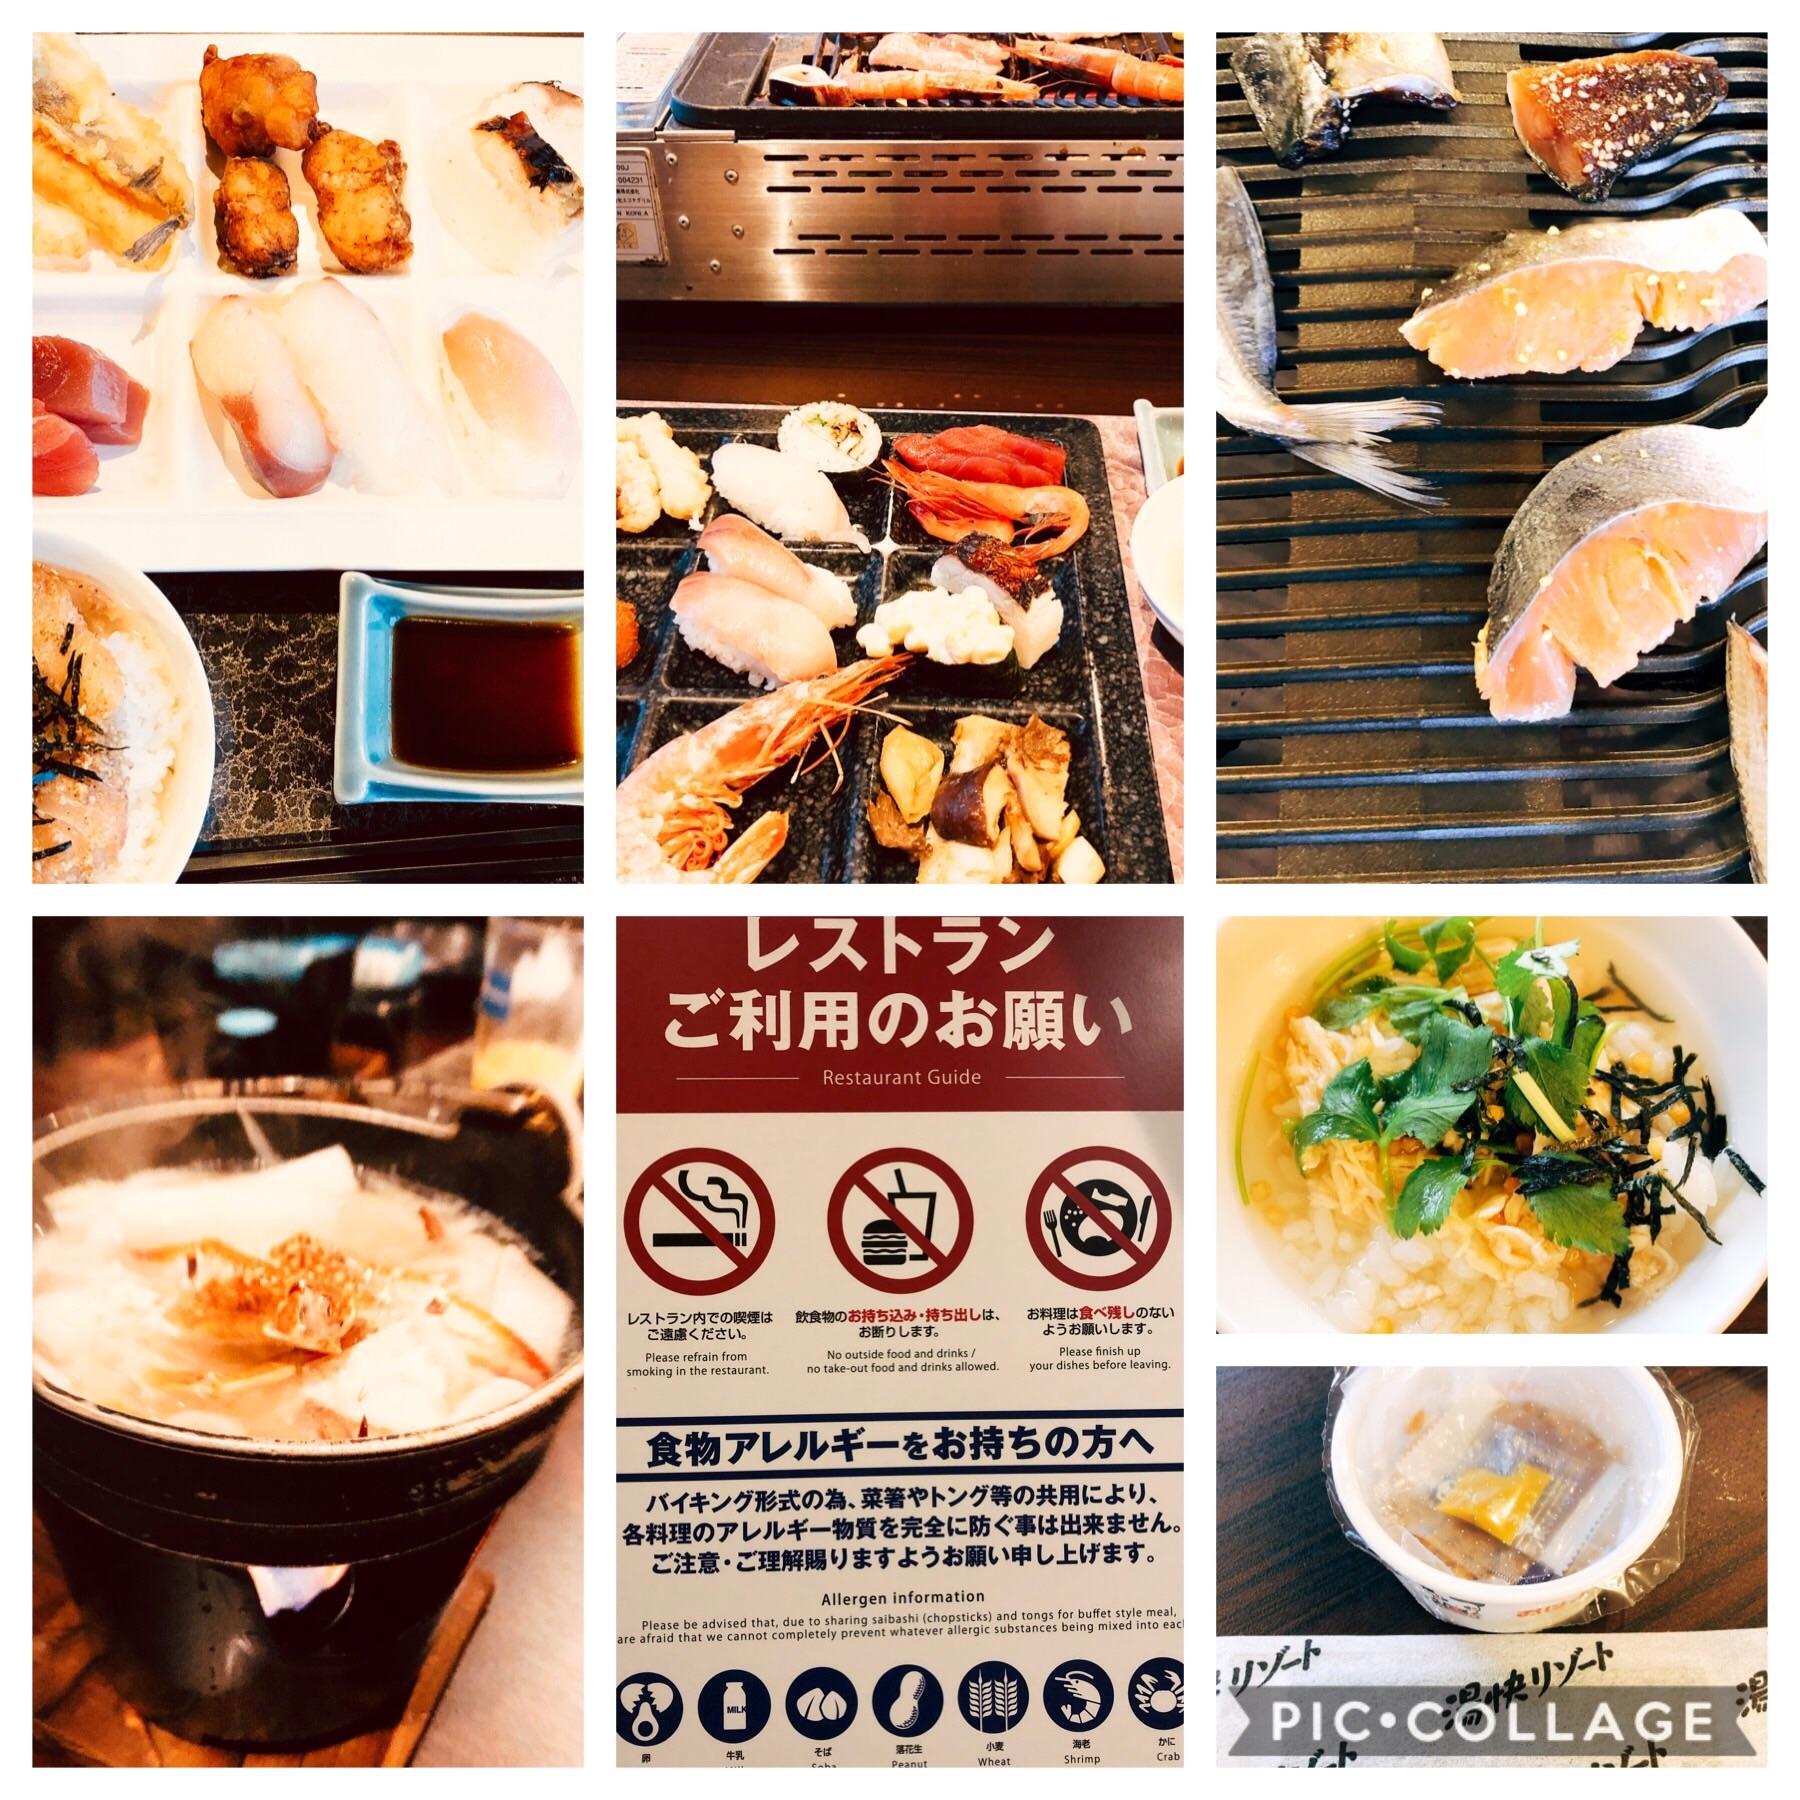 f:id:allergy_nagasakikko:20190216214007j:image